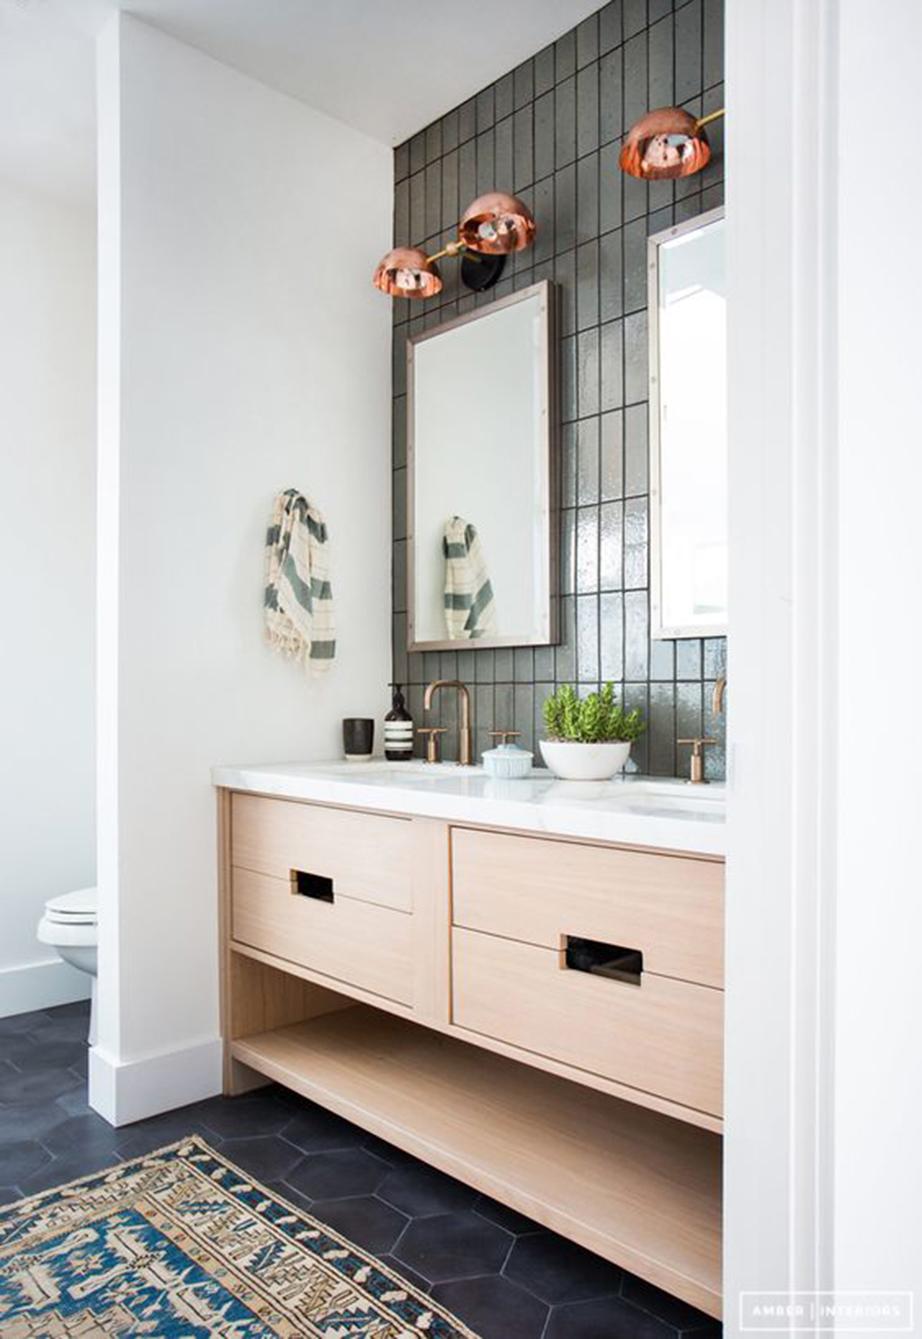 Βάλτε ένα αντιολισθητικό χαλάκι στο δάπεδο του μπάνιου σας.